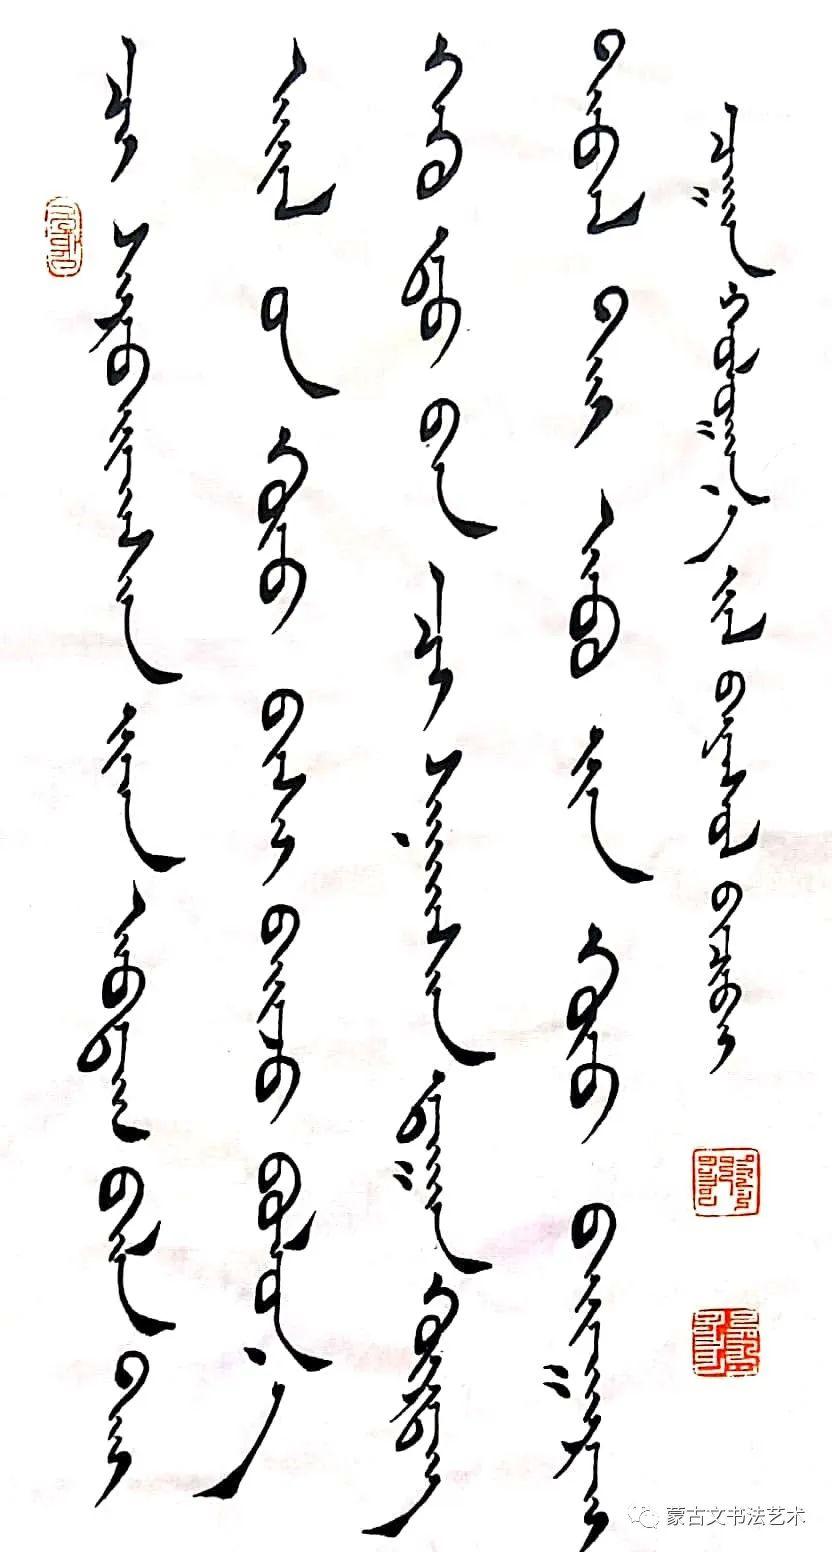 巴亚苏拉蒙古文书法 第10张